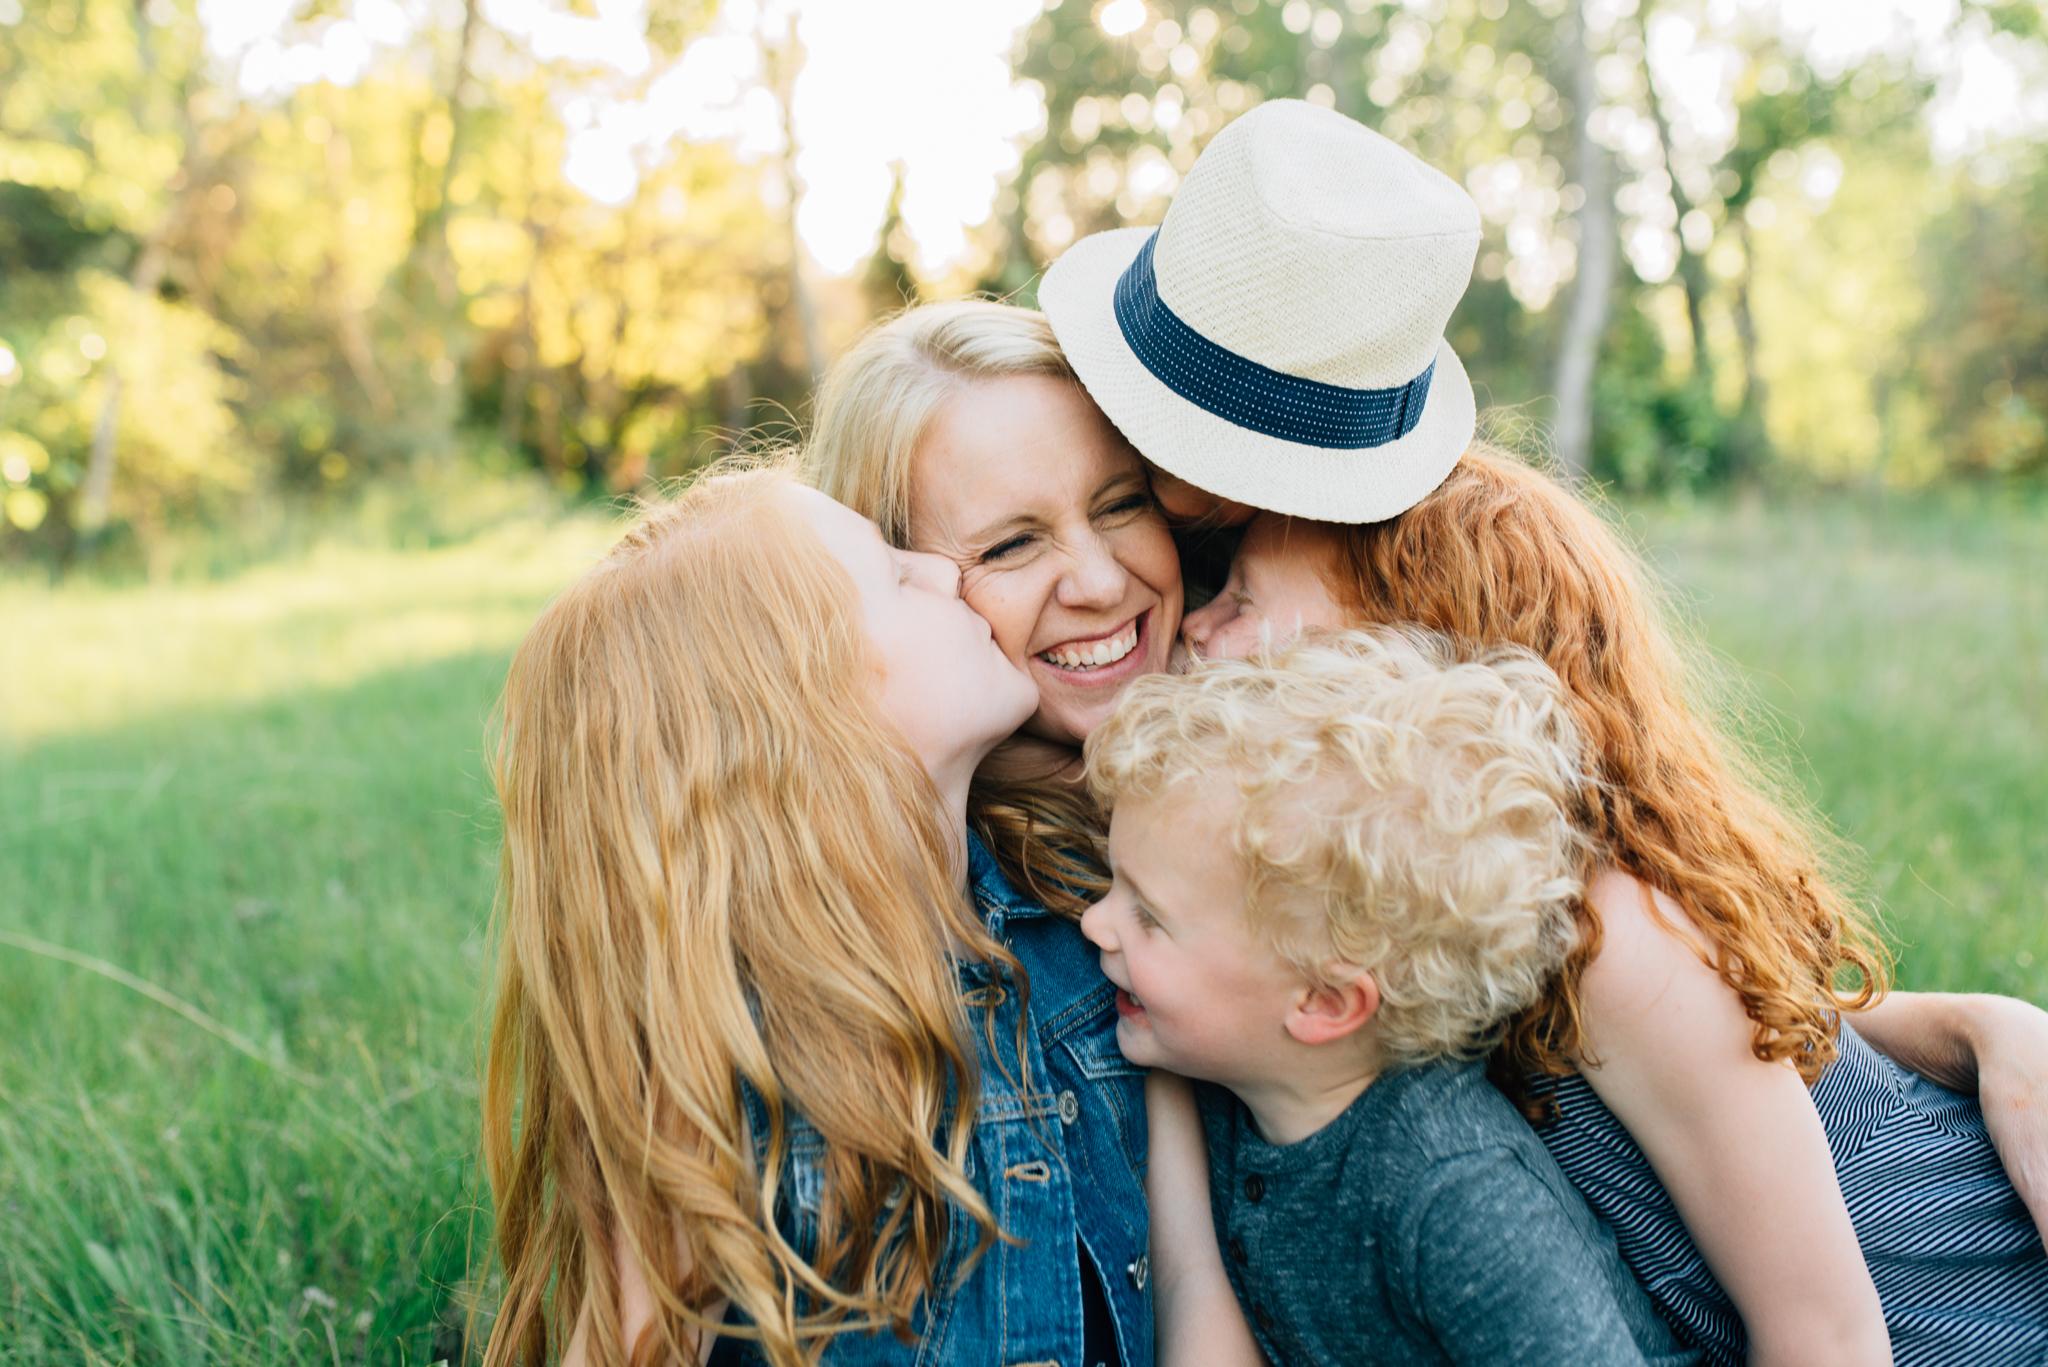 boise family lifestyle session| barber park | boise family photographer | kids kissing mom